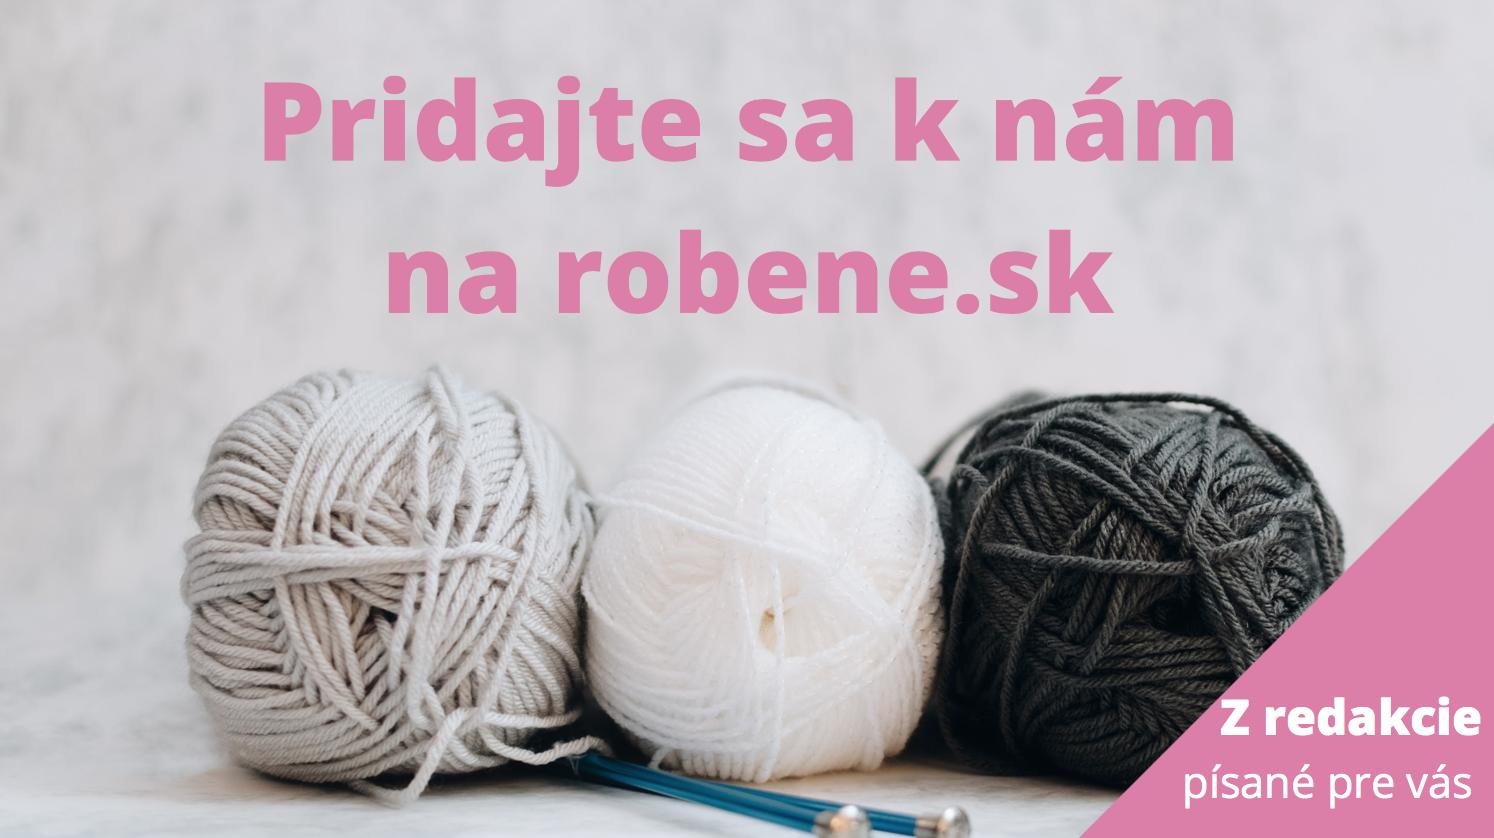 Poďte s nami vytvoriť nový online priestor plný kvalitných slovenských výrobkov